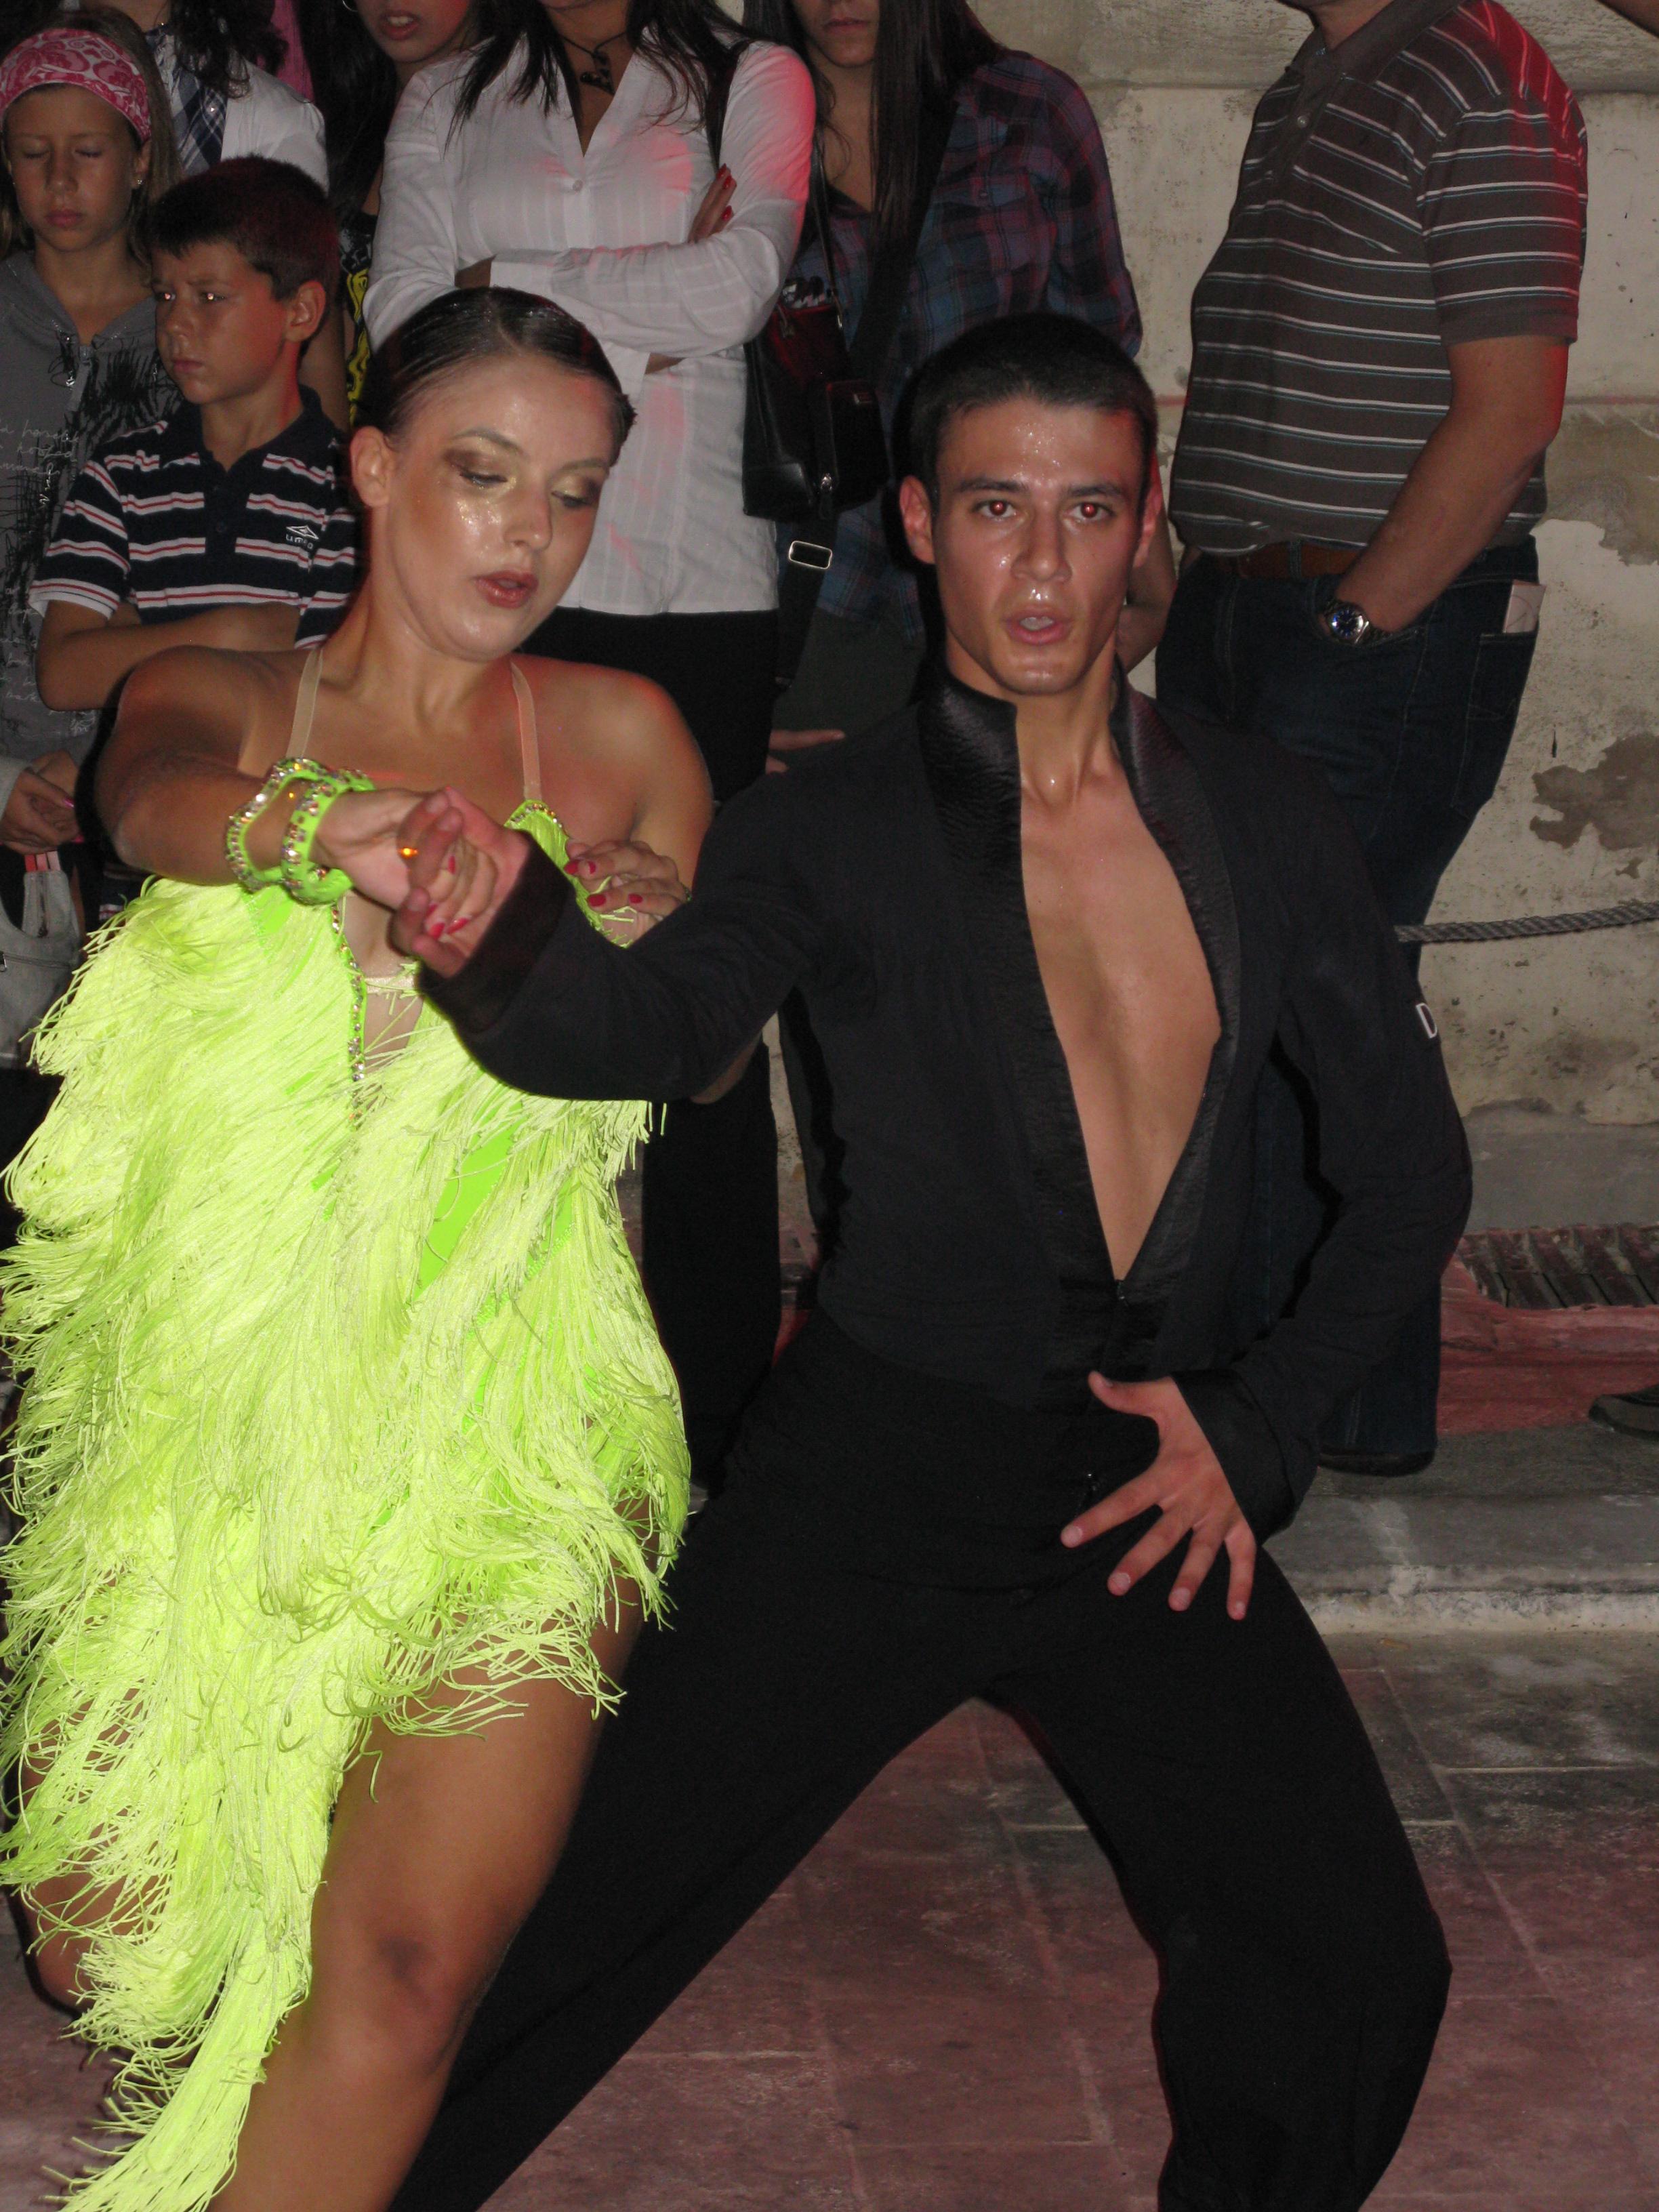 Dancers at Notte Bianca - Lejl Imdawwal